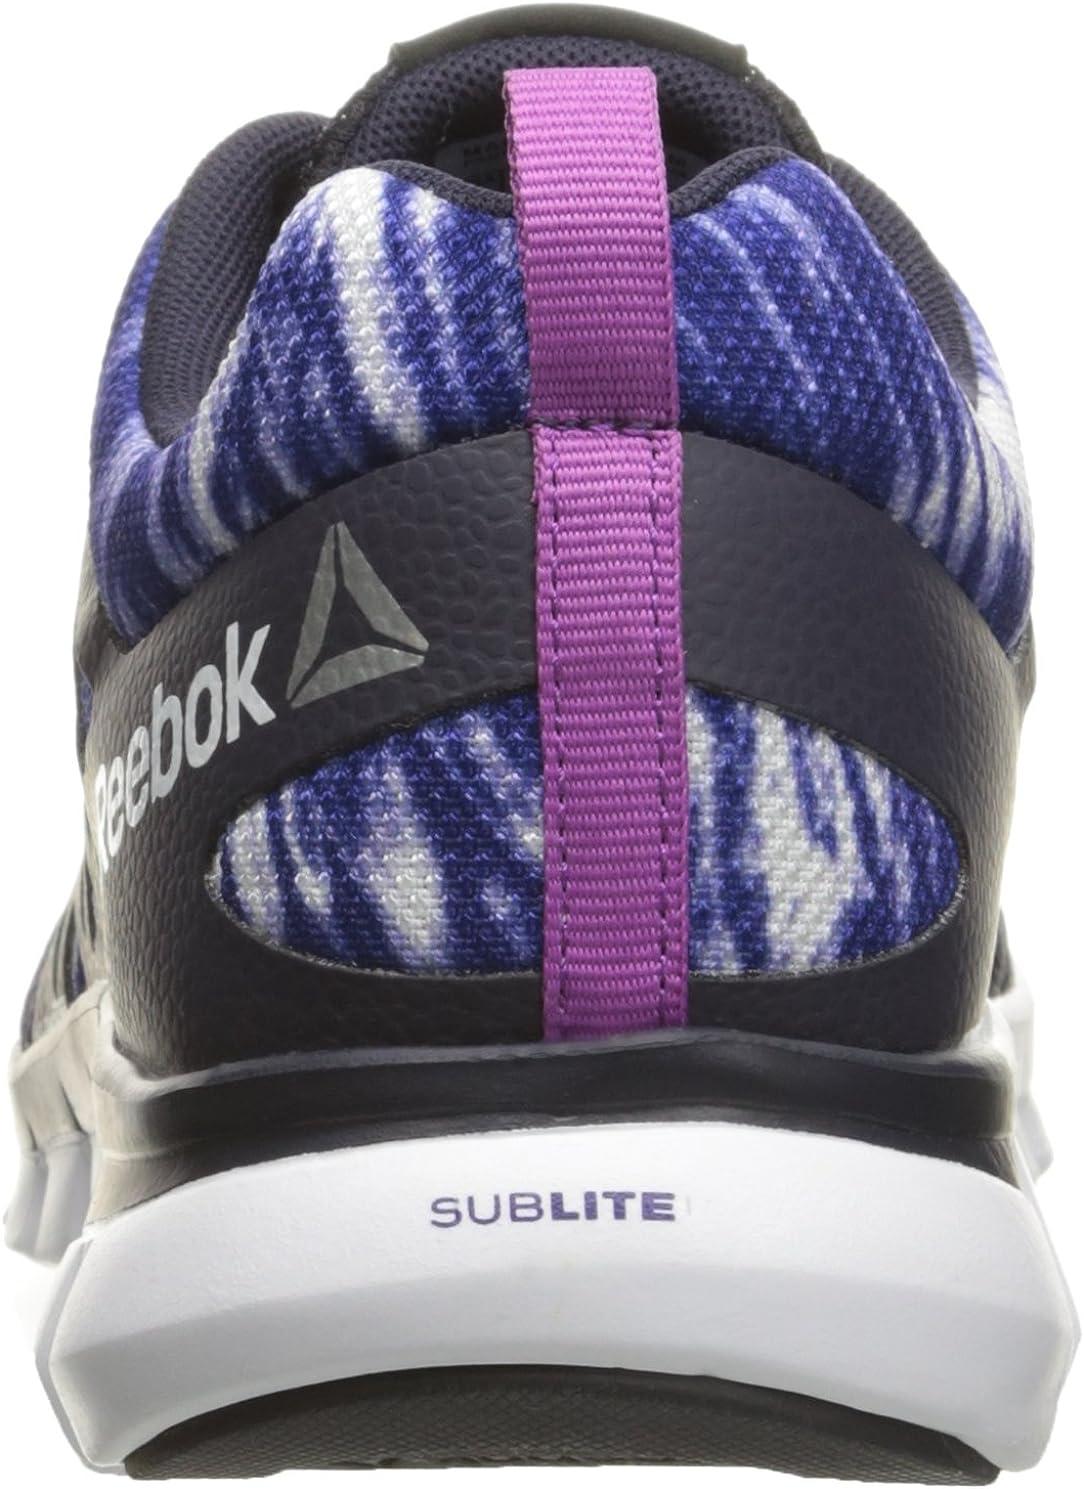 dirigir Azotado por el viento Consejo  Reebok Women's Sublite Xt Cushion 2.0 WS Mt Running Shoe | Road Running -  Amazon.com